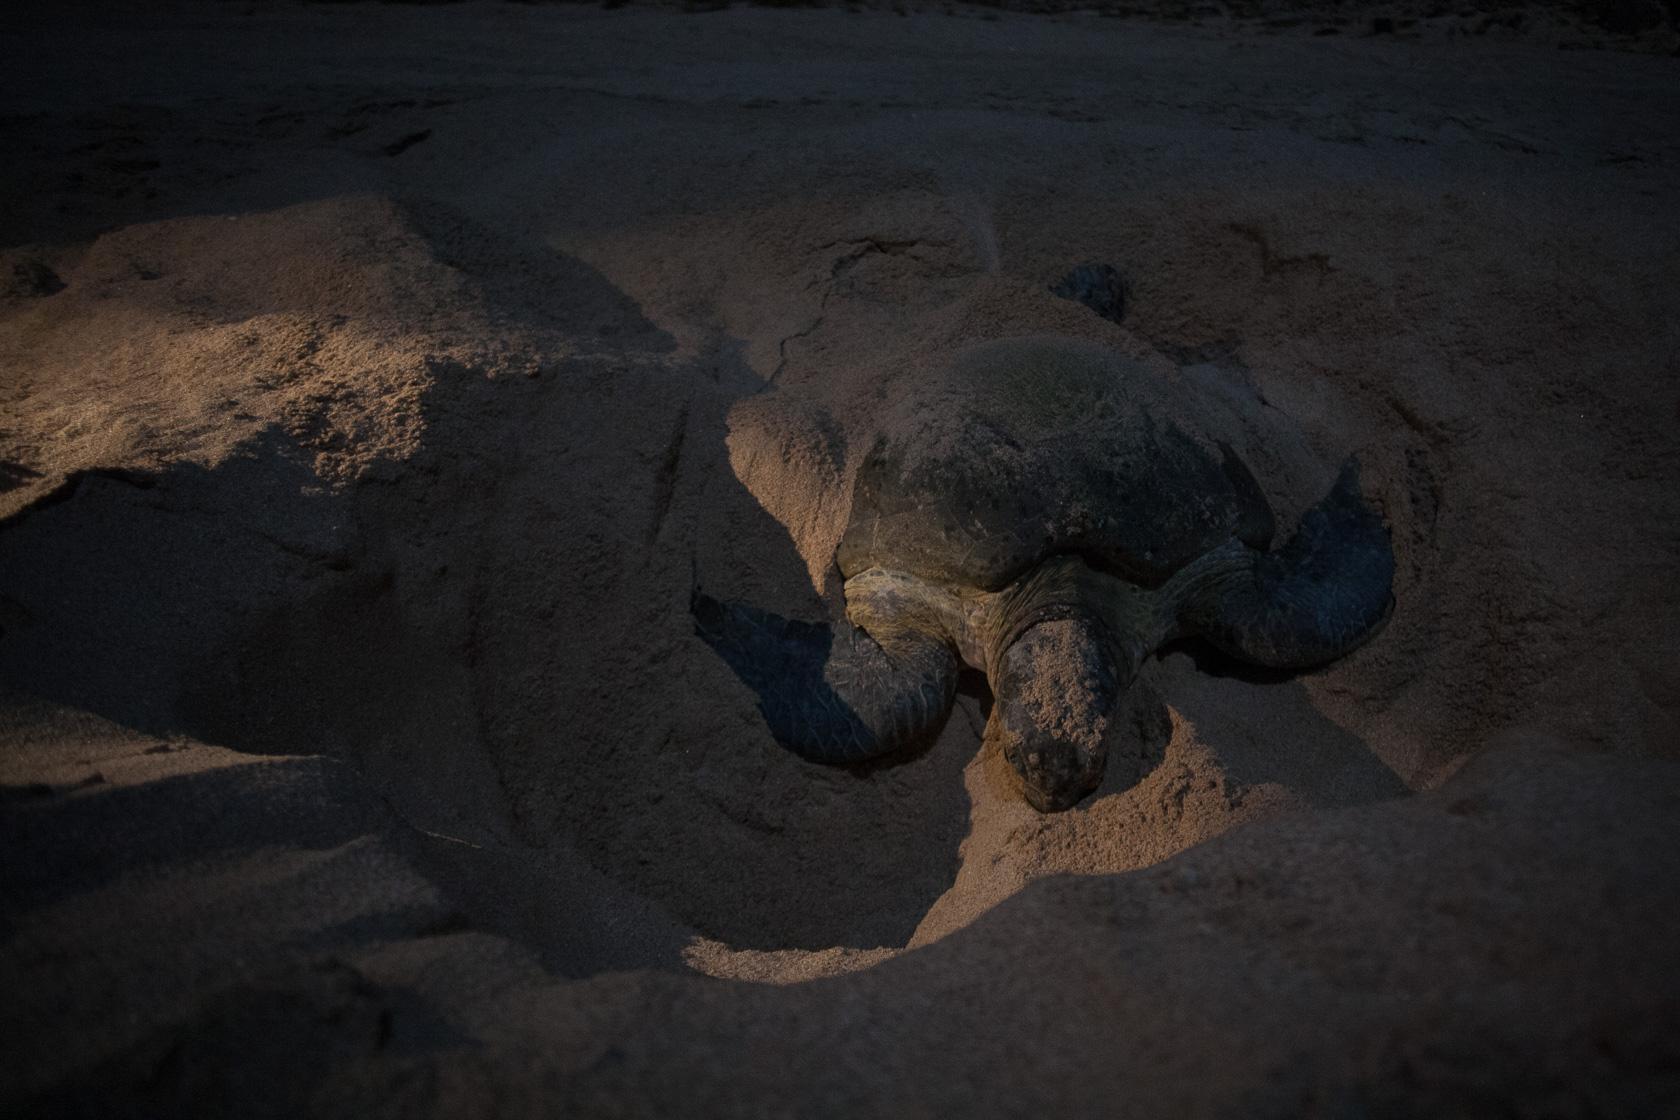 tortue verte (Chelonia mydas) pondant ses oeufs dans la réserve de Ras al jinz à Oman